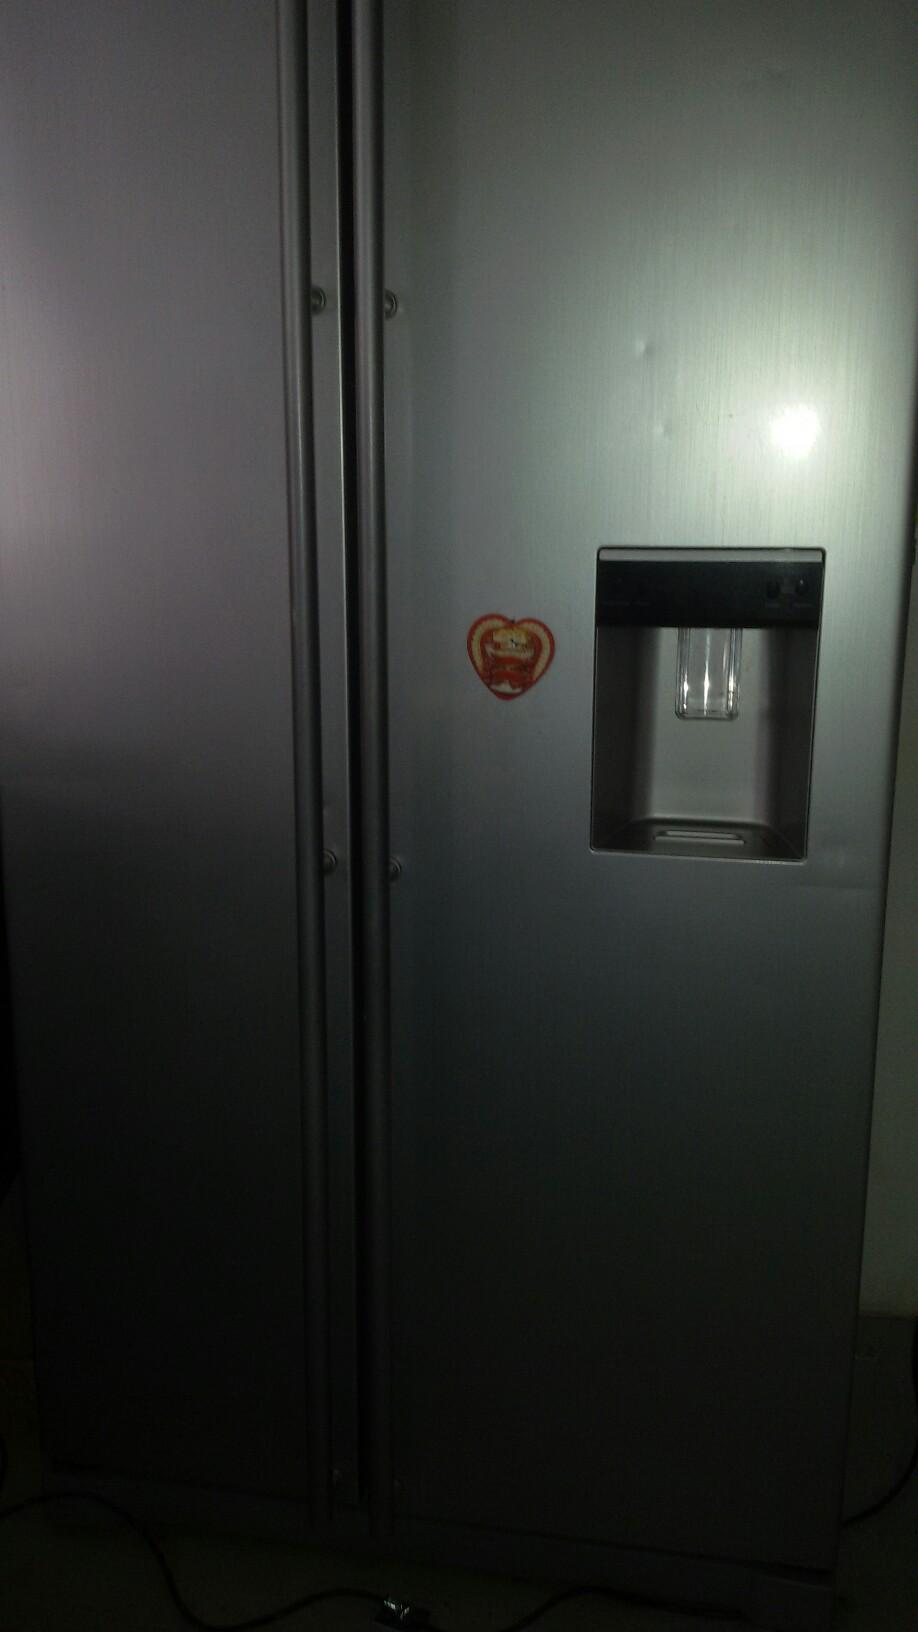 Kühlschrank Side By Side Gebraucht : Gebraucht kühlschrank samsung side by side in marl um